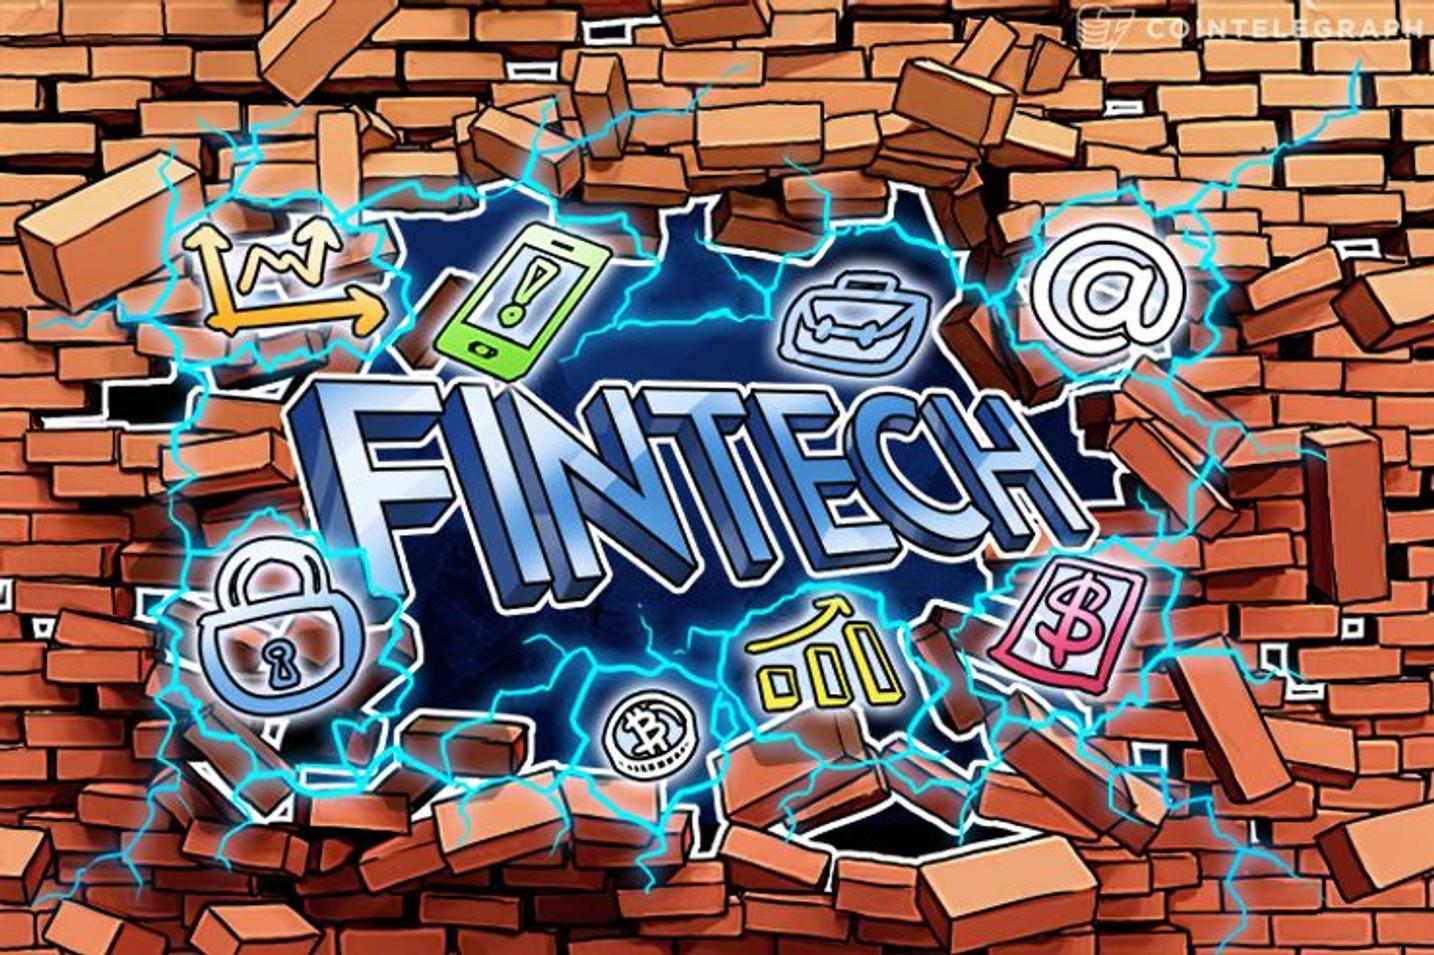 Plataforma de financiación participativa Housers se unió al Manifiesto Cibeles, en el marco del Madrid Capital Fintech